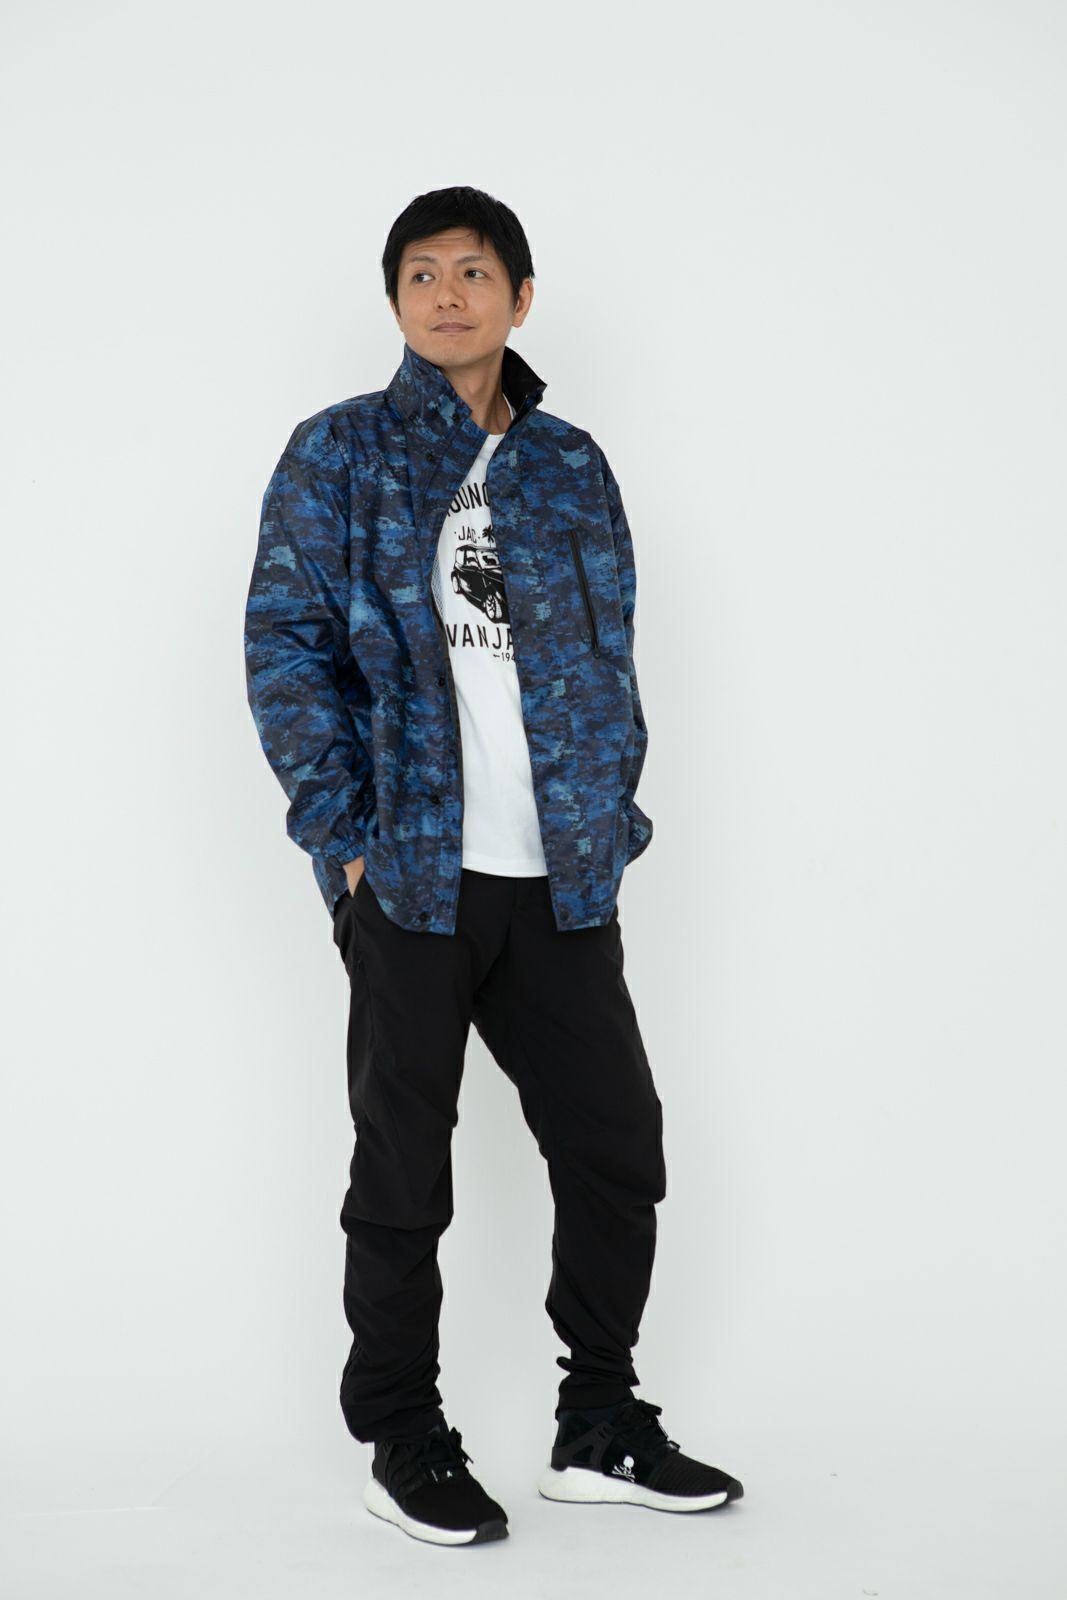 詳細:着用イメージ デジカモ ジッパーオープン  [男性モデルのサイズ]身長:174cm 着用サイズ:L